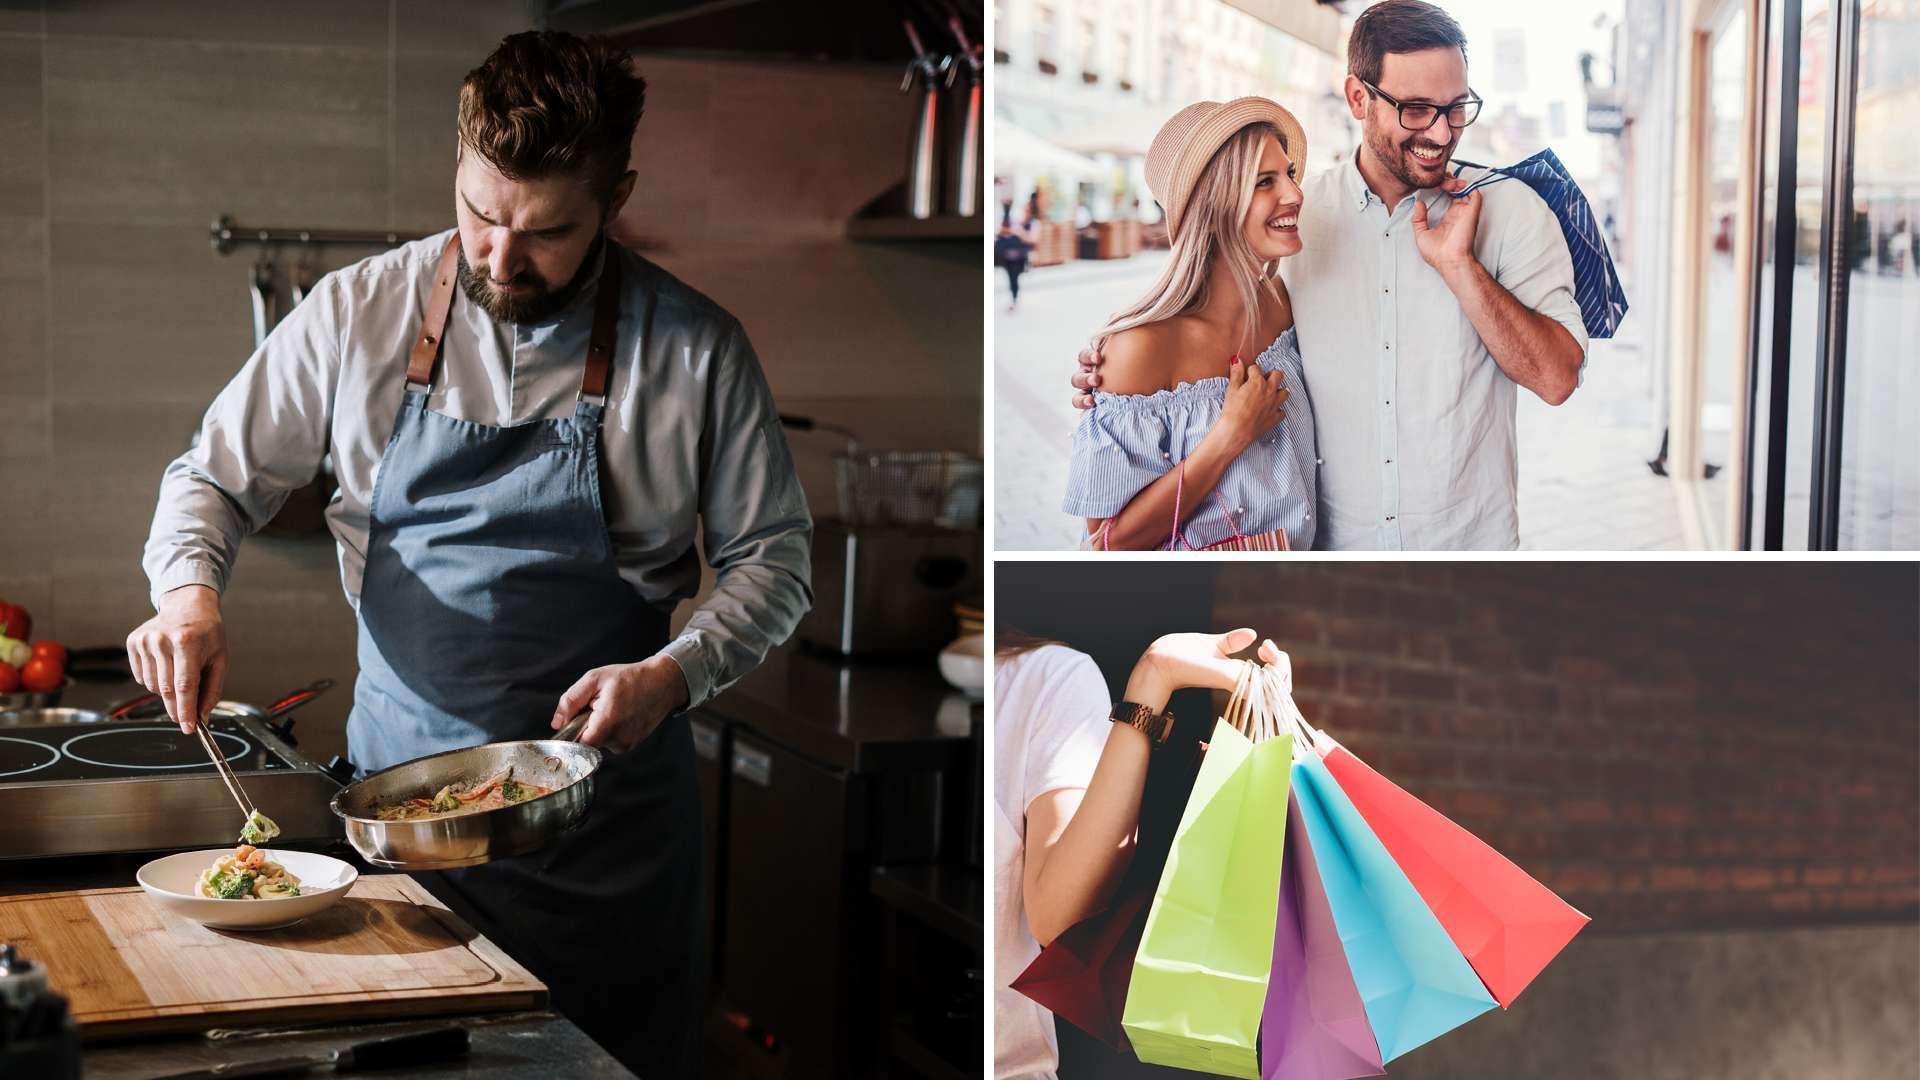 dreigeteiltes Bilder mit einem Koch, einem Pärchen beim Shoppen und vier bunten Tüten